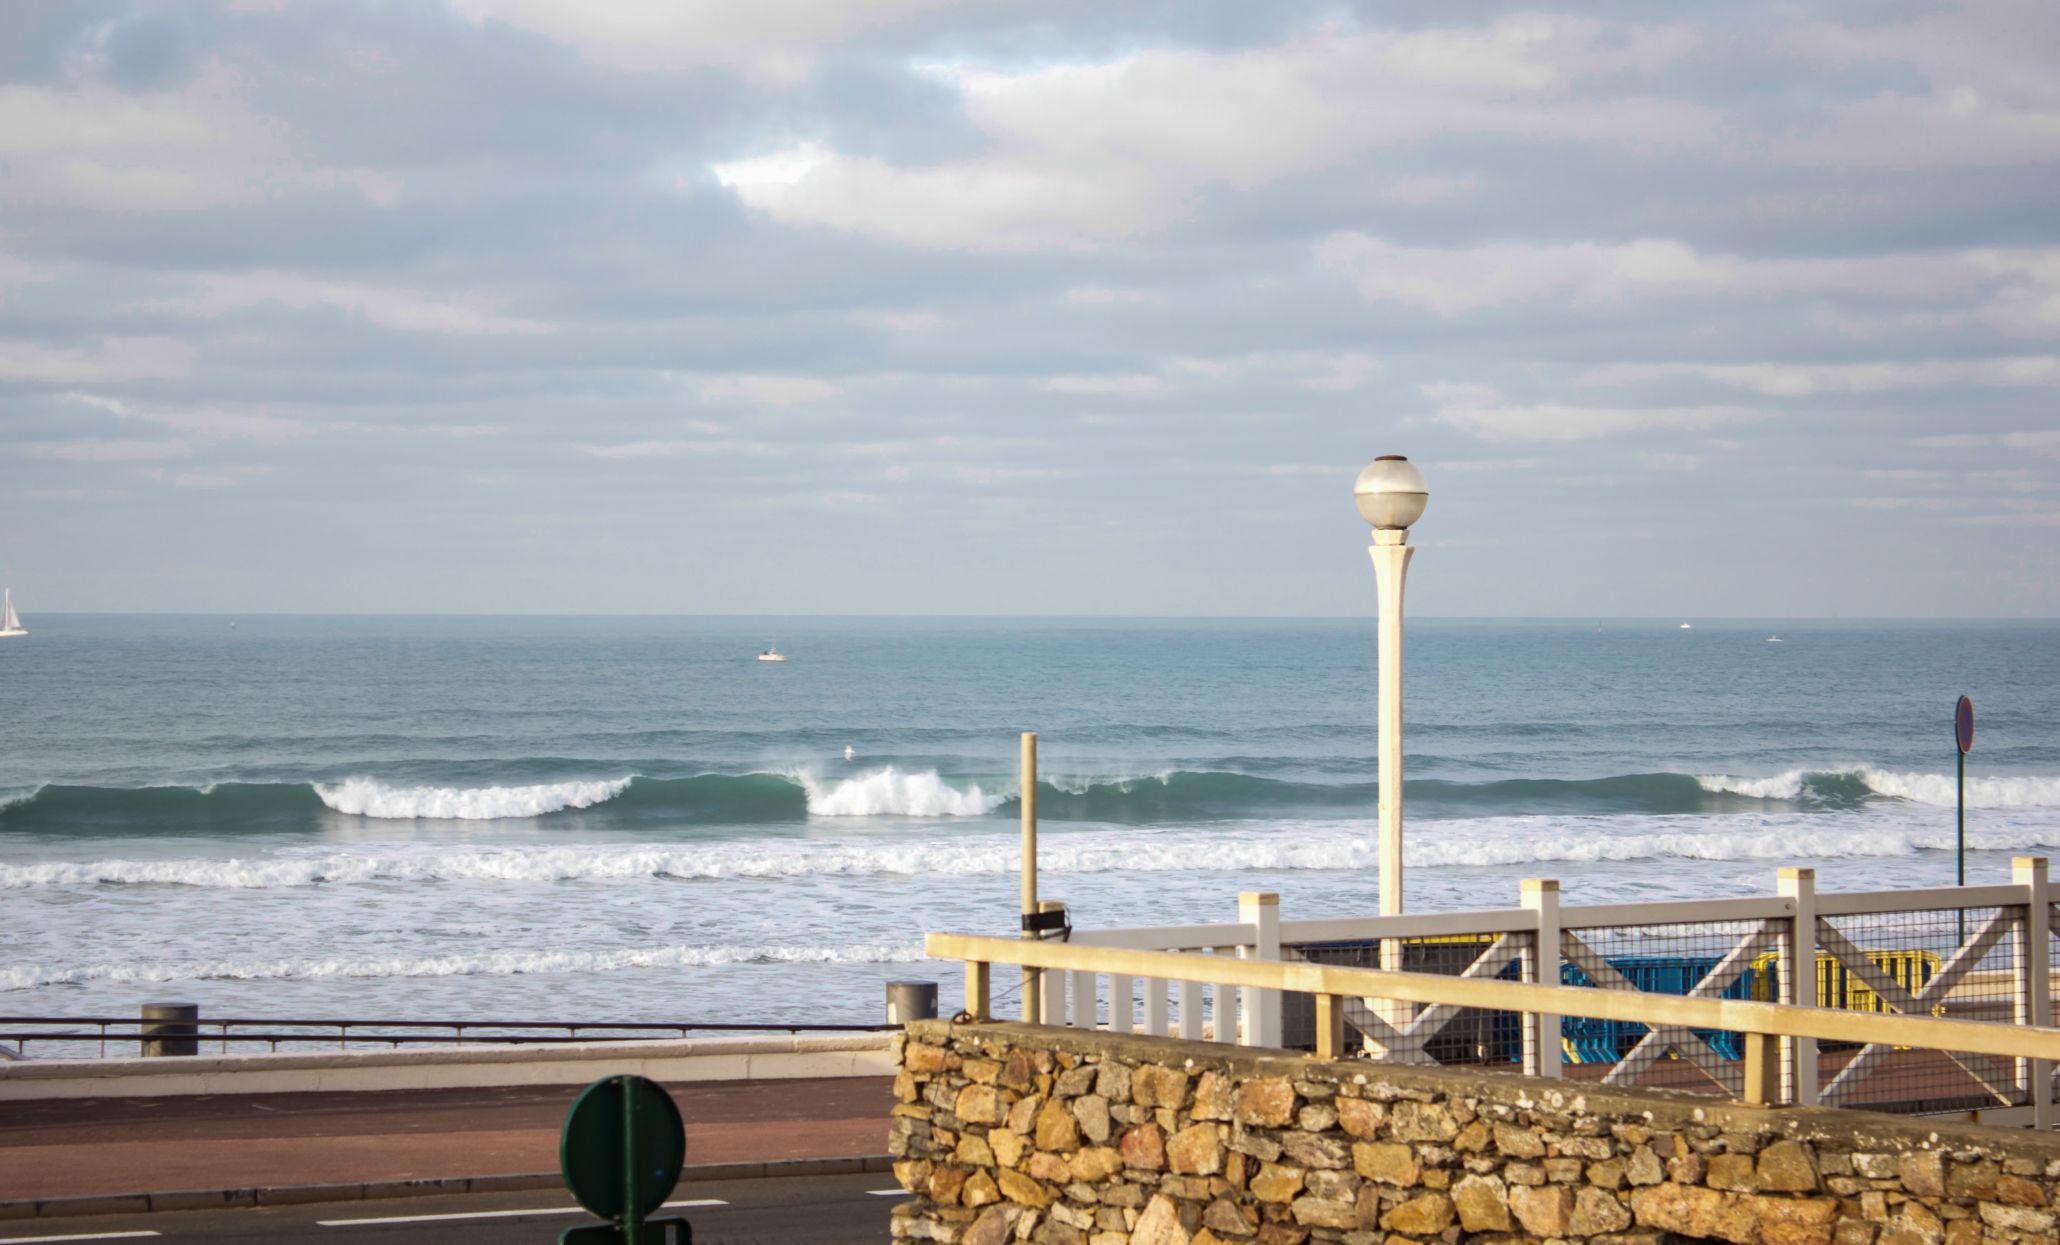 Surfing in Tanchet aux Sables d'Olonnes